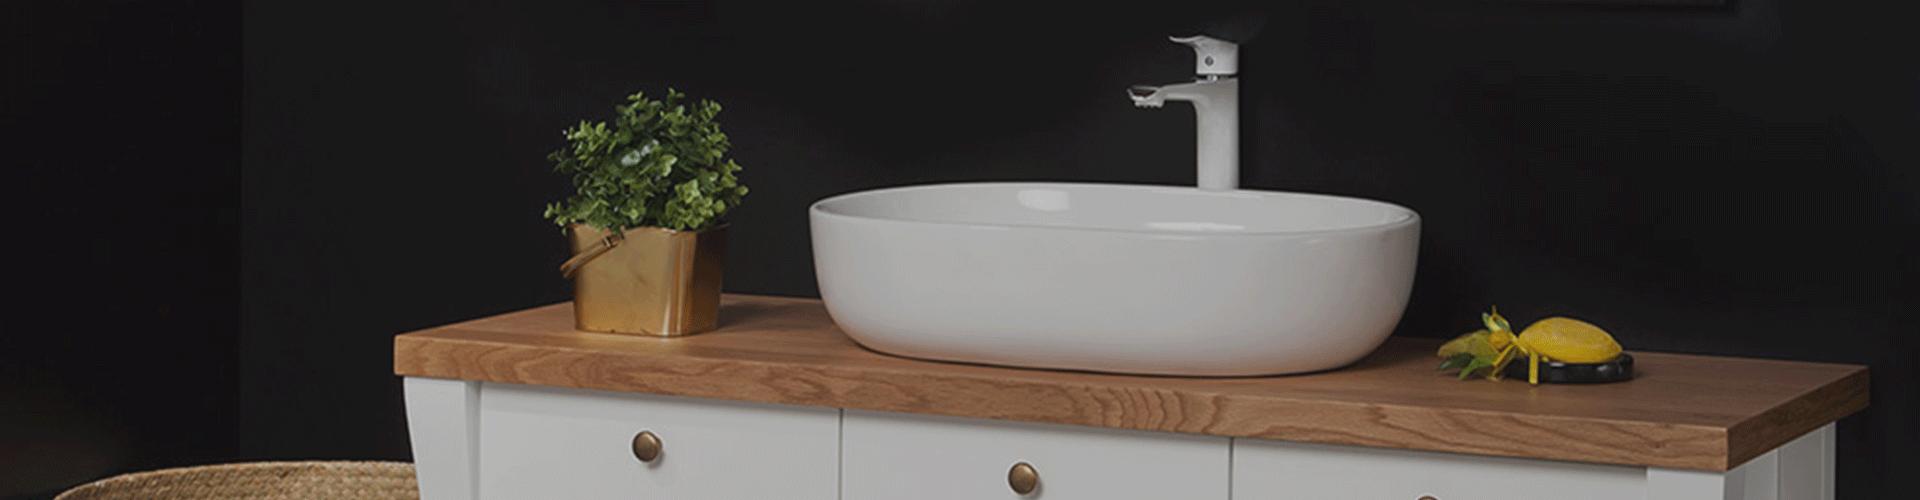 סוגי שיש מודרני לארונות אמבטיה